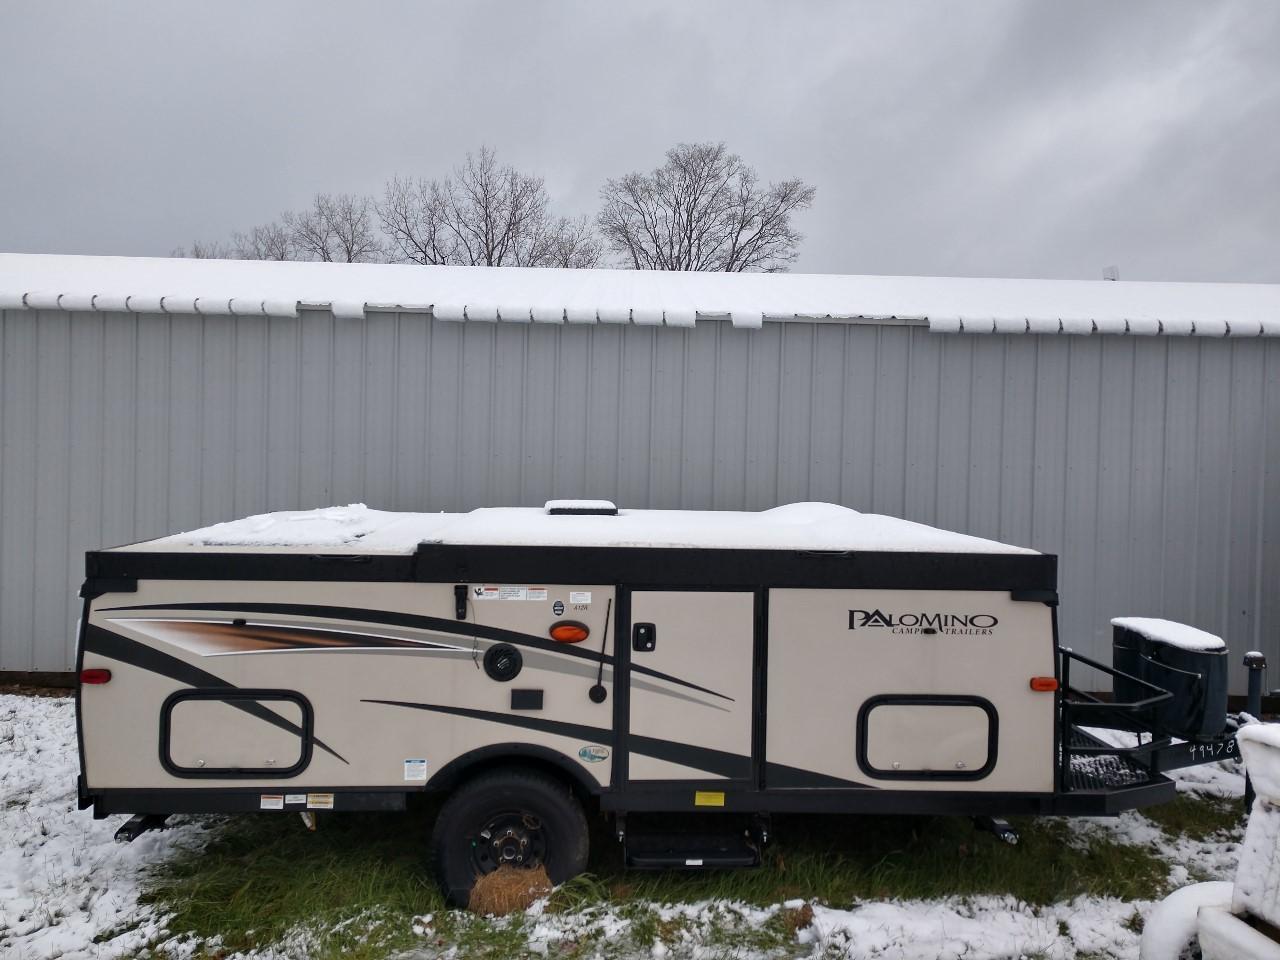 Michigan Rvs For Sale 6 574 Rvs Near Me Rv Trader